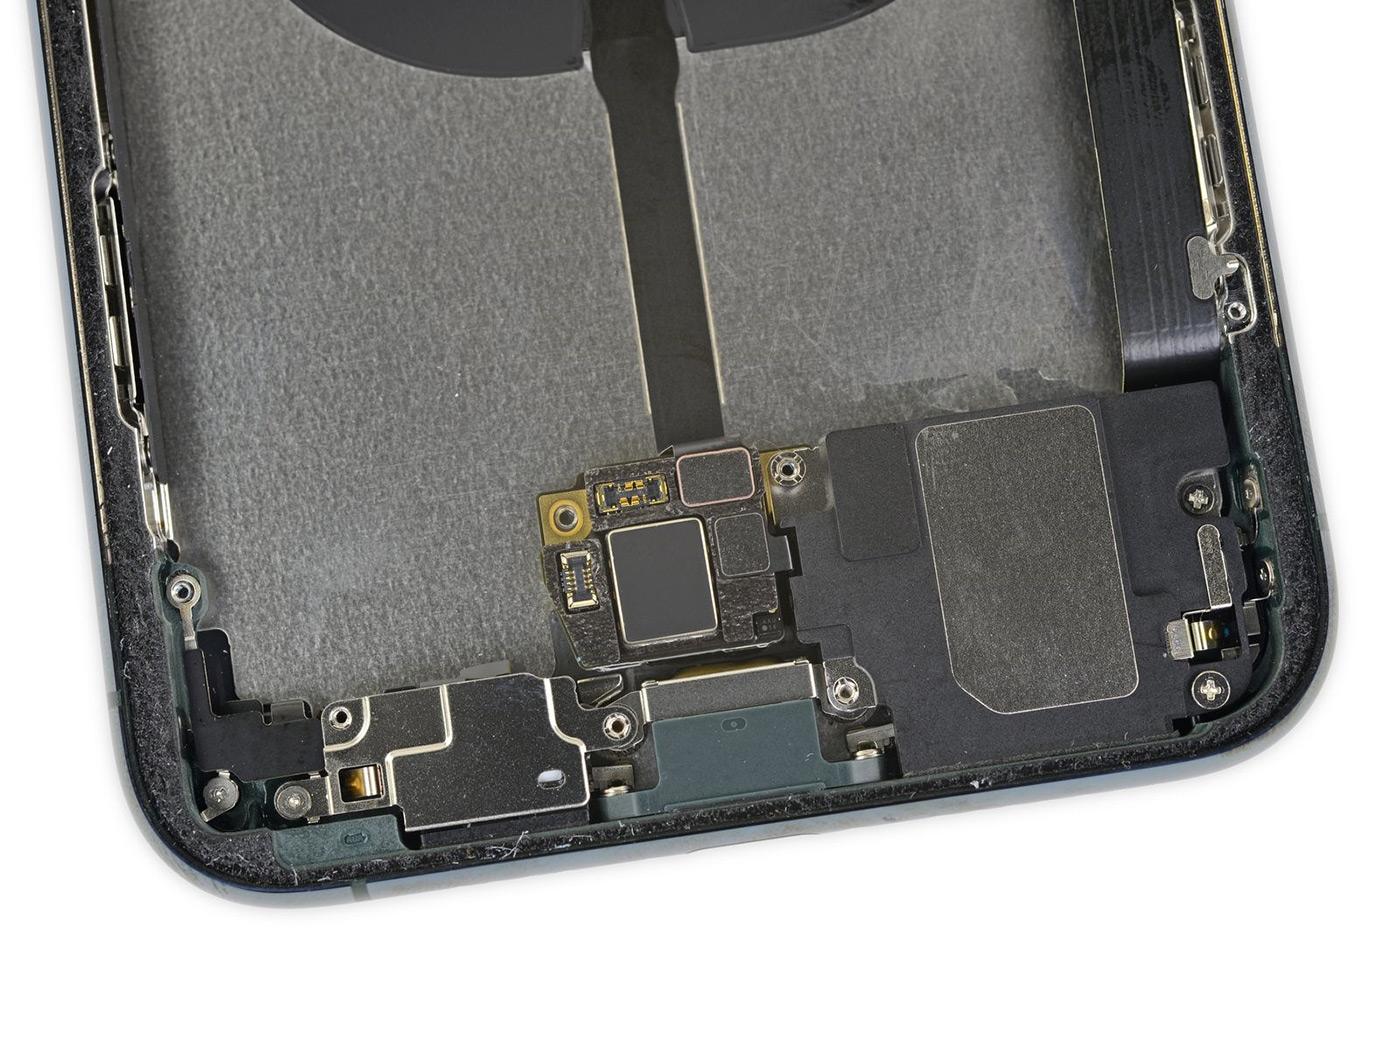 Как в Apple создавали первый влагозащищенный телефон apple,гаджеты,история,мобильные телефоны,смартфоны,телефоны,техника